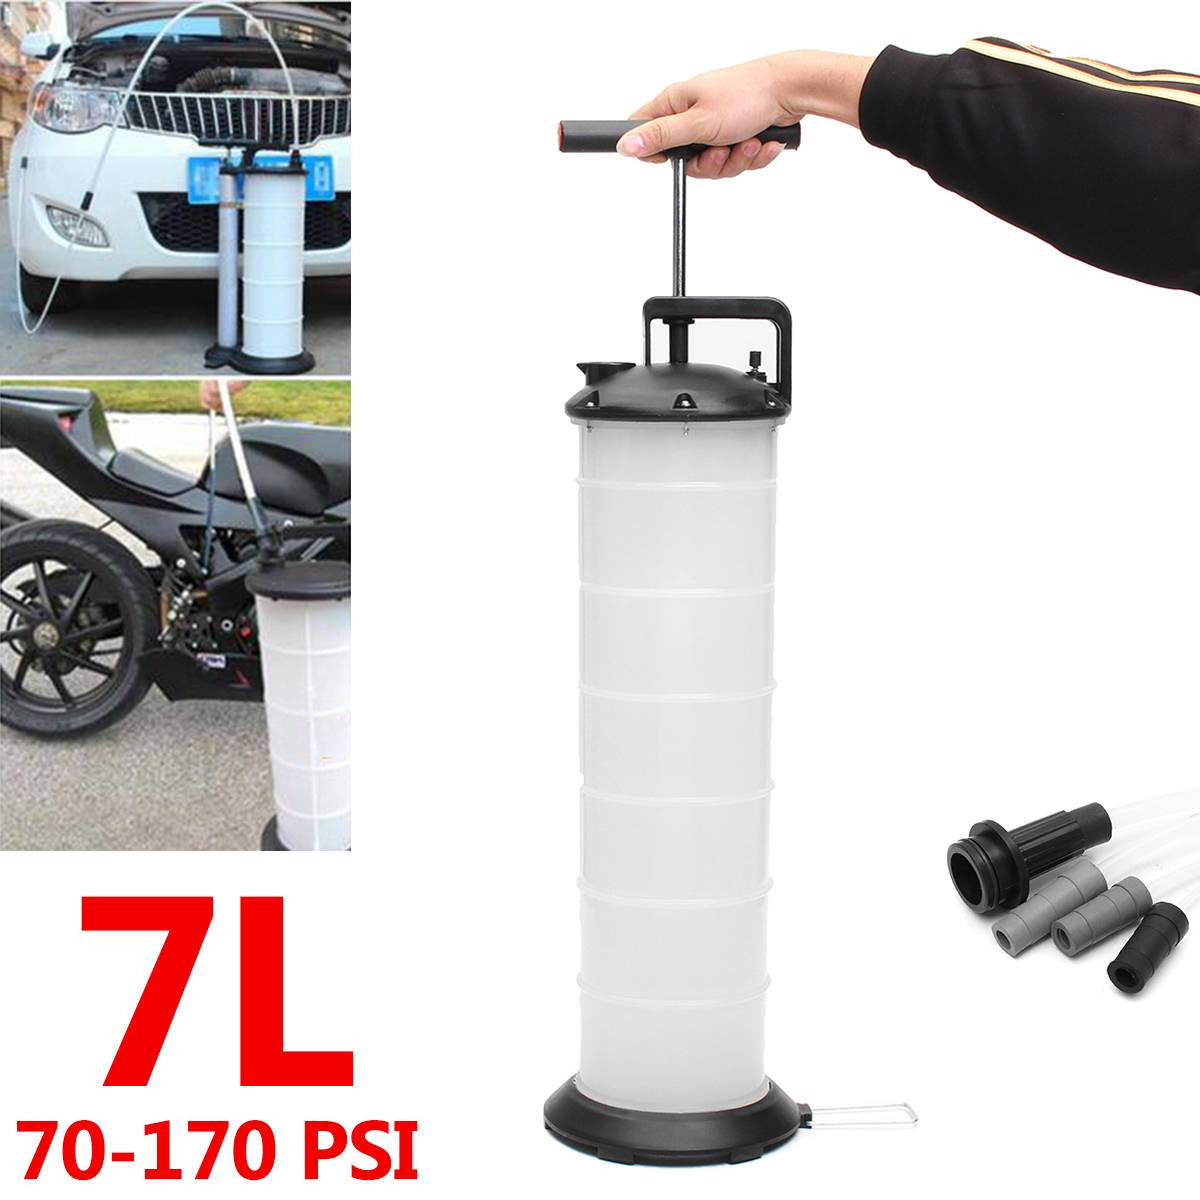 7L Manuel Vide Huile Extractor Fluid pompe à huile Liquide Changeur Récipient Voiture Bateau Carburant Essence Réservoir De Transfert Main Remover Outils